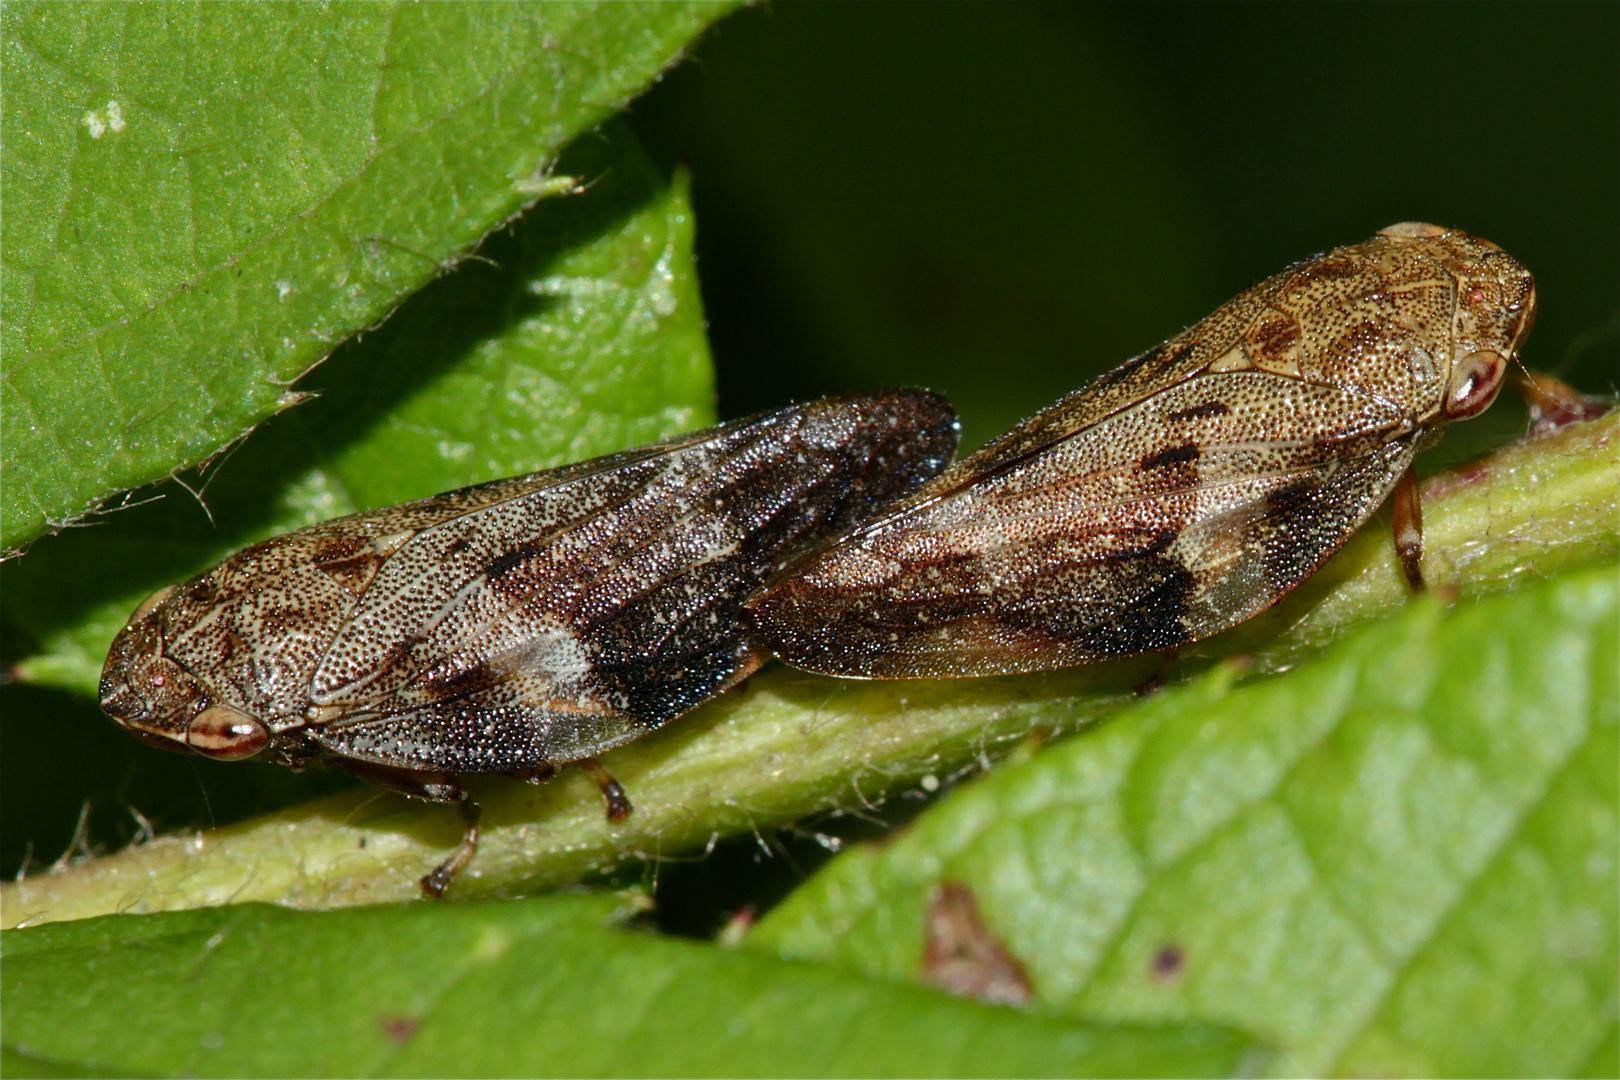 Die Paarung der Erlen-Schaumzikade (Aphrophora alni), zur Familie der Cercopidae gehörig.